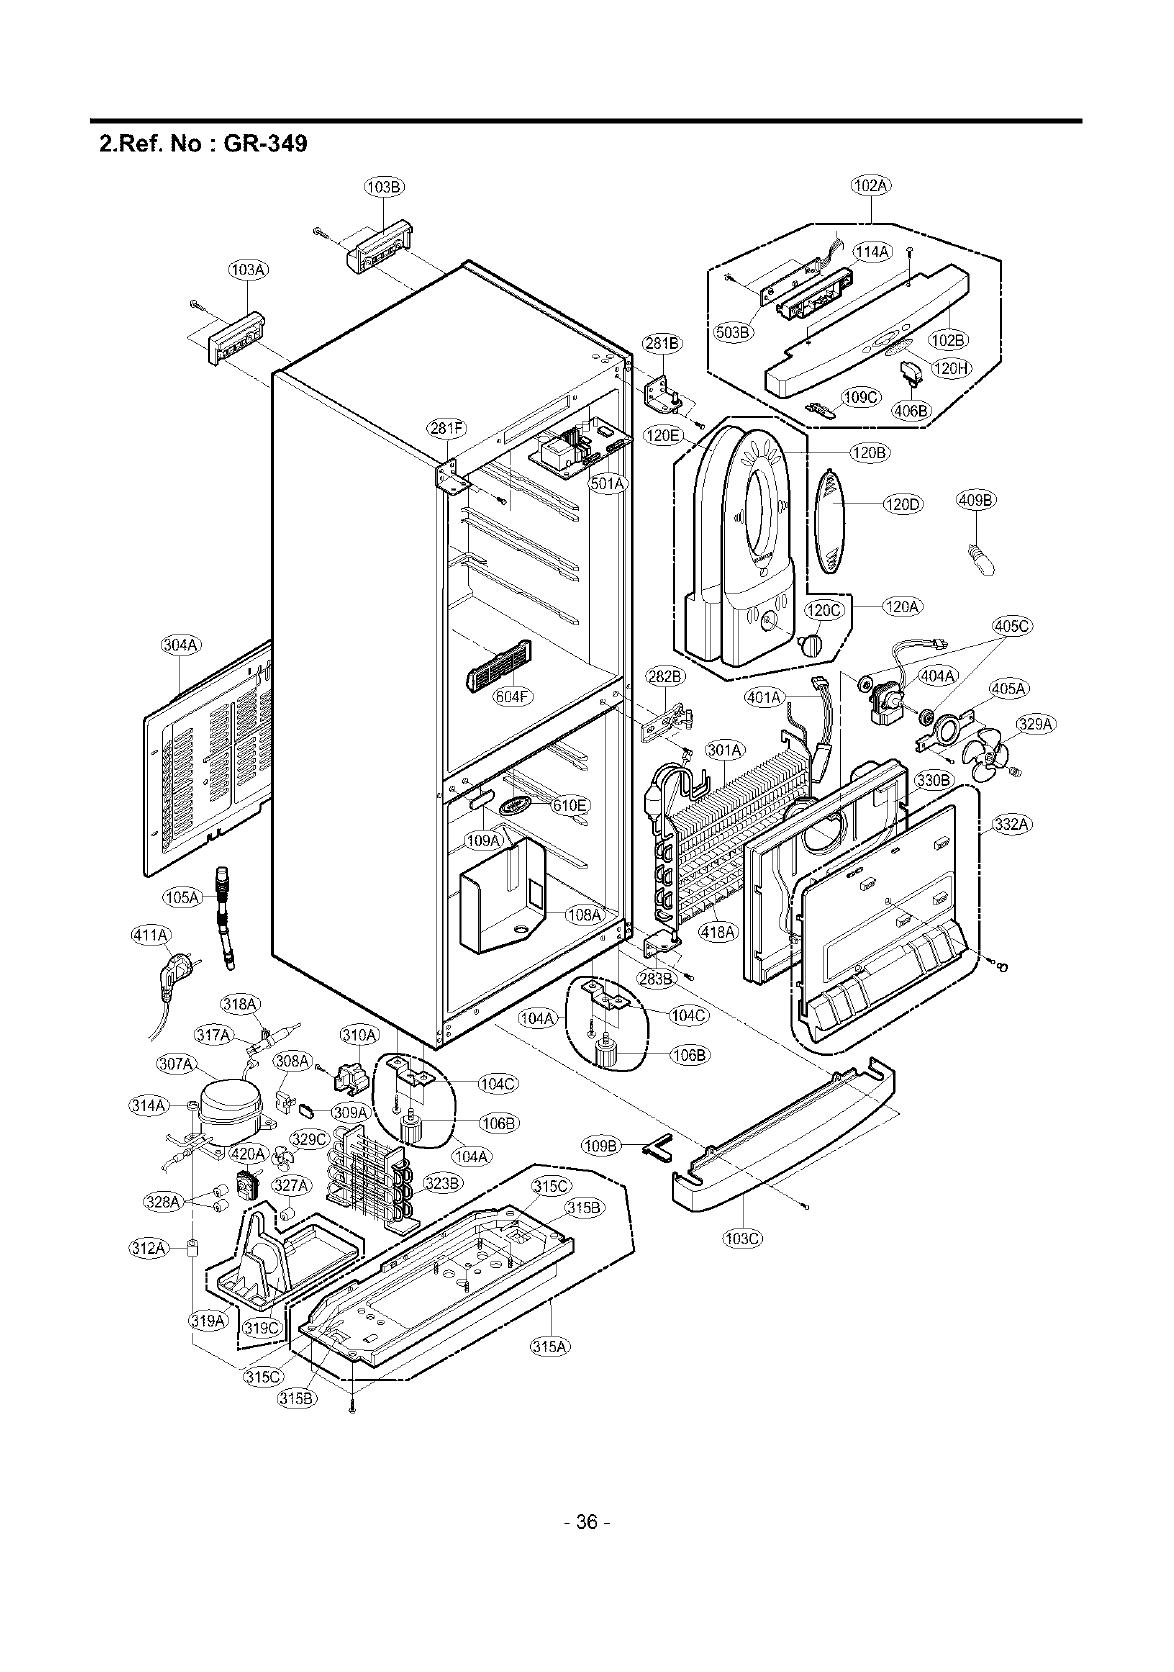 LG LRBP1031NI User Manual REFRIGERATOR Manuals And Guides